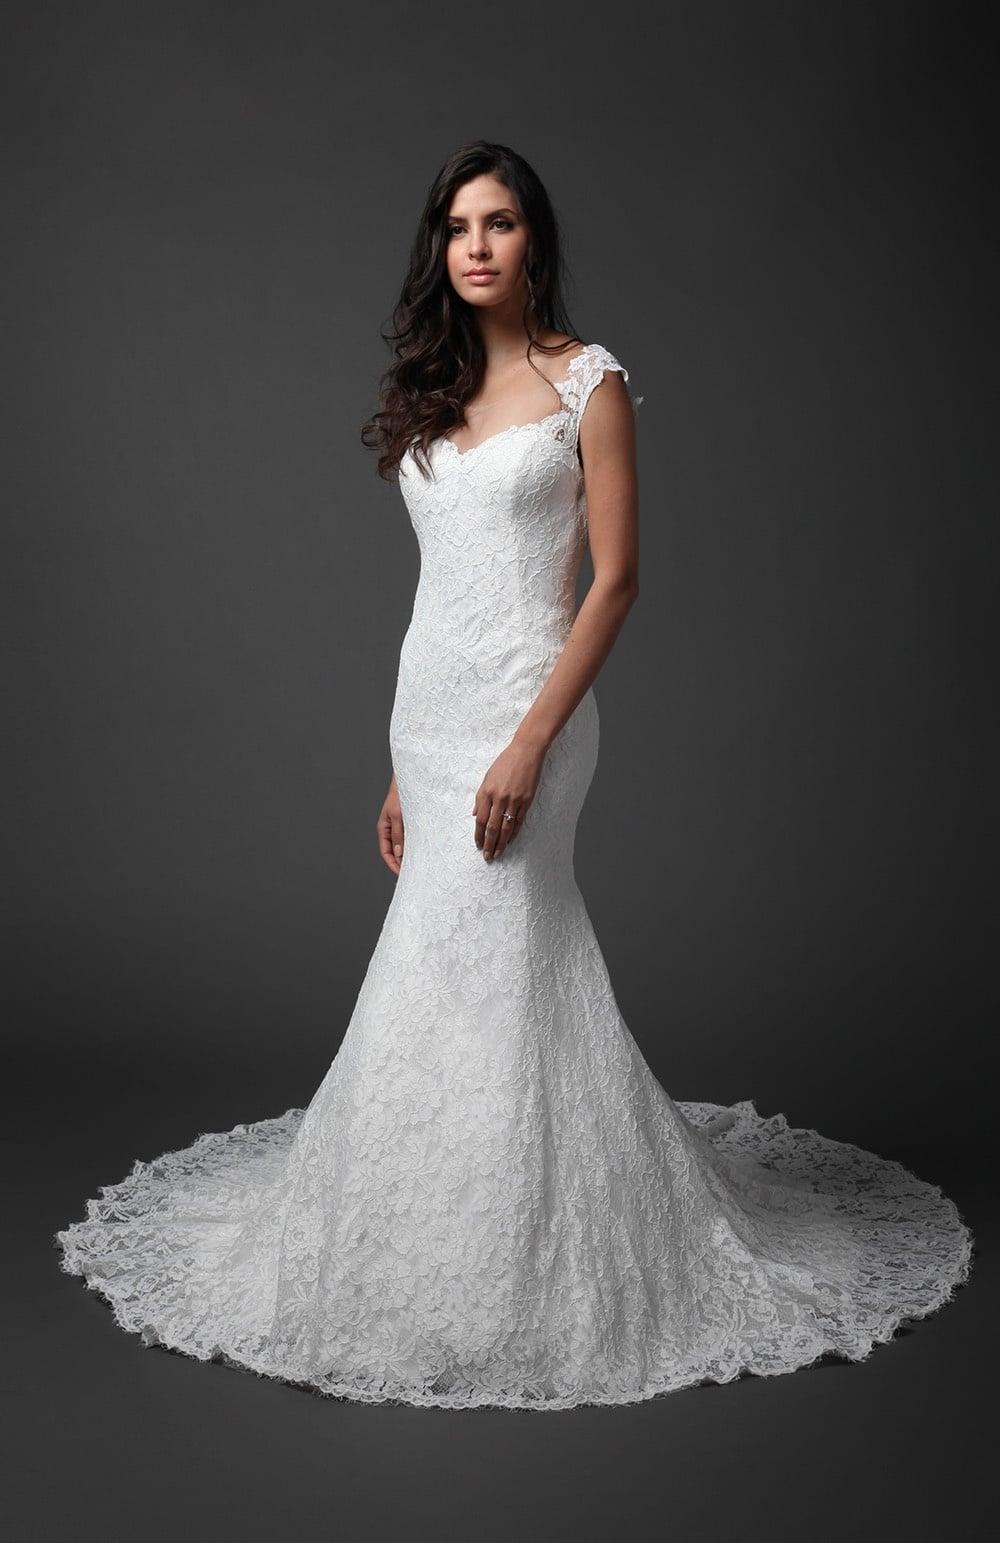 Robe de mariée Modèle Calypso